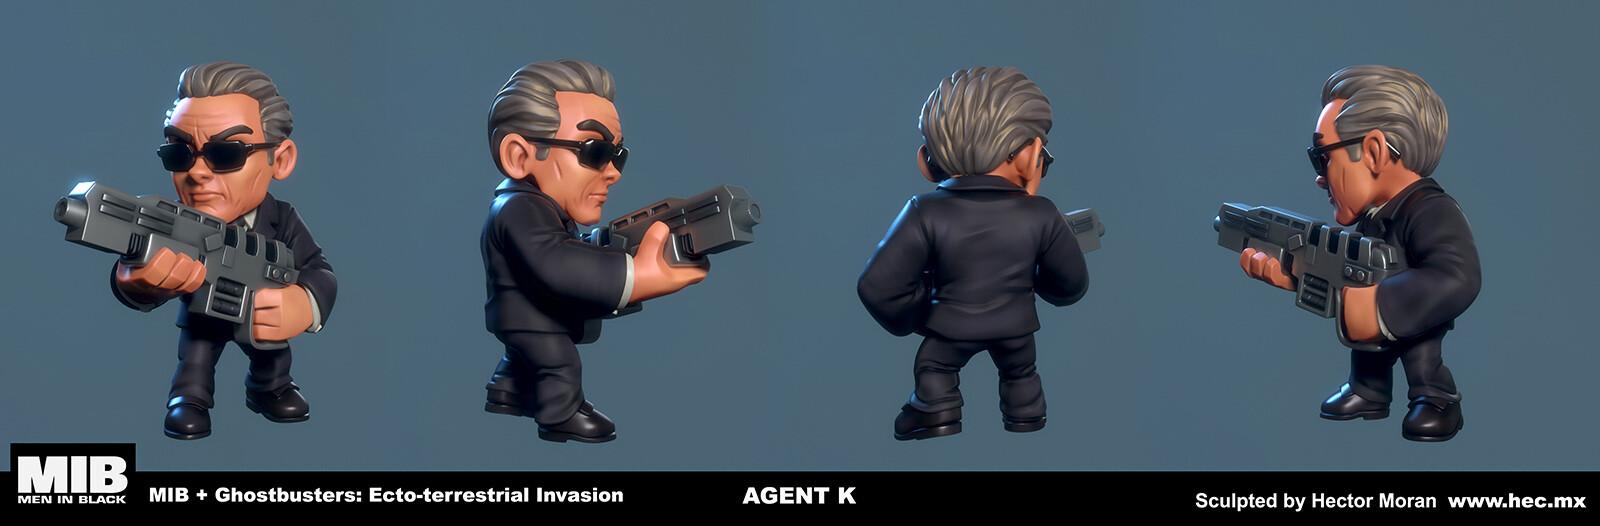 Hector moran hec agent k shots